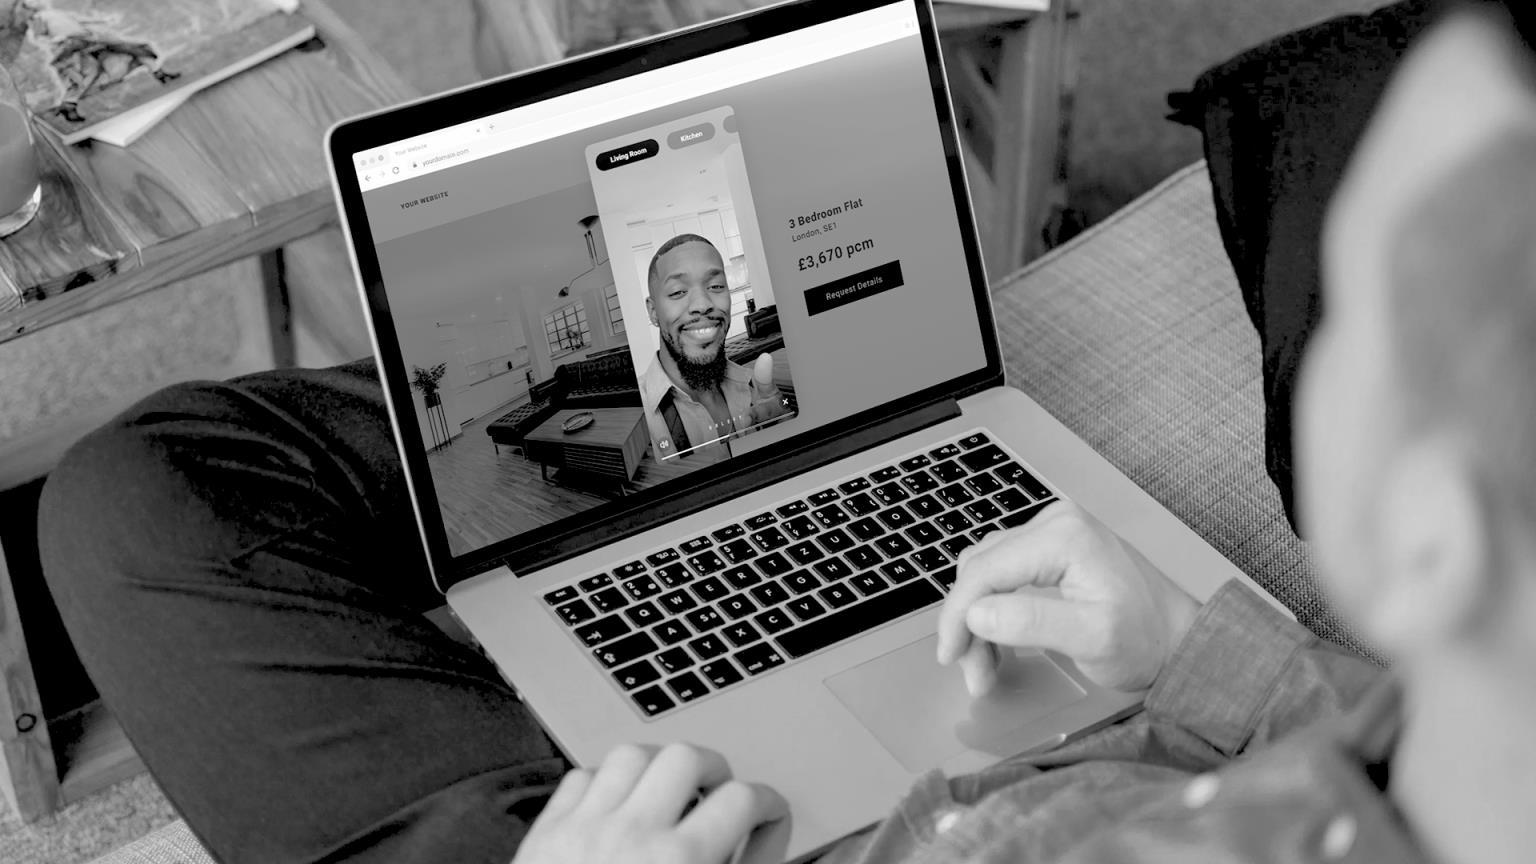 【英国房产新闻】代理商可以用新的应用程序拍摄虚拟旅行并嵌入到门户列表中